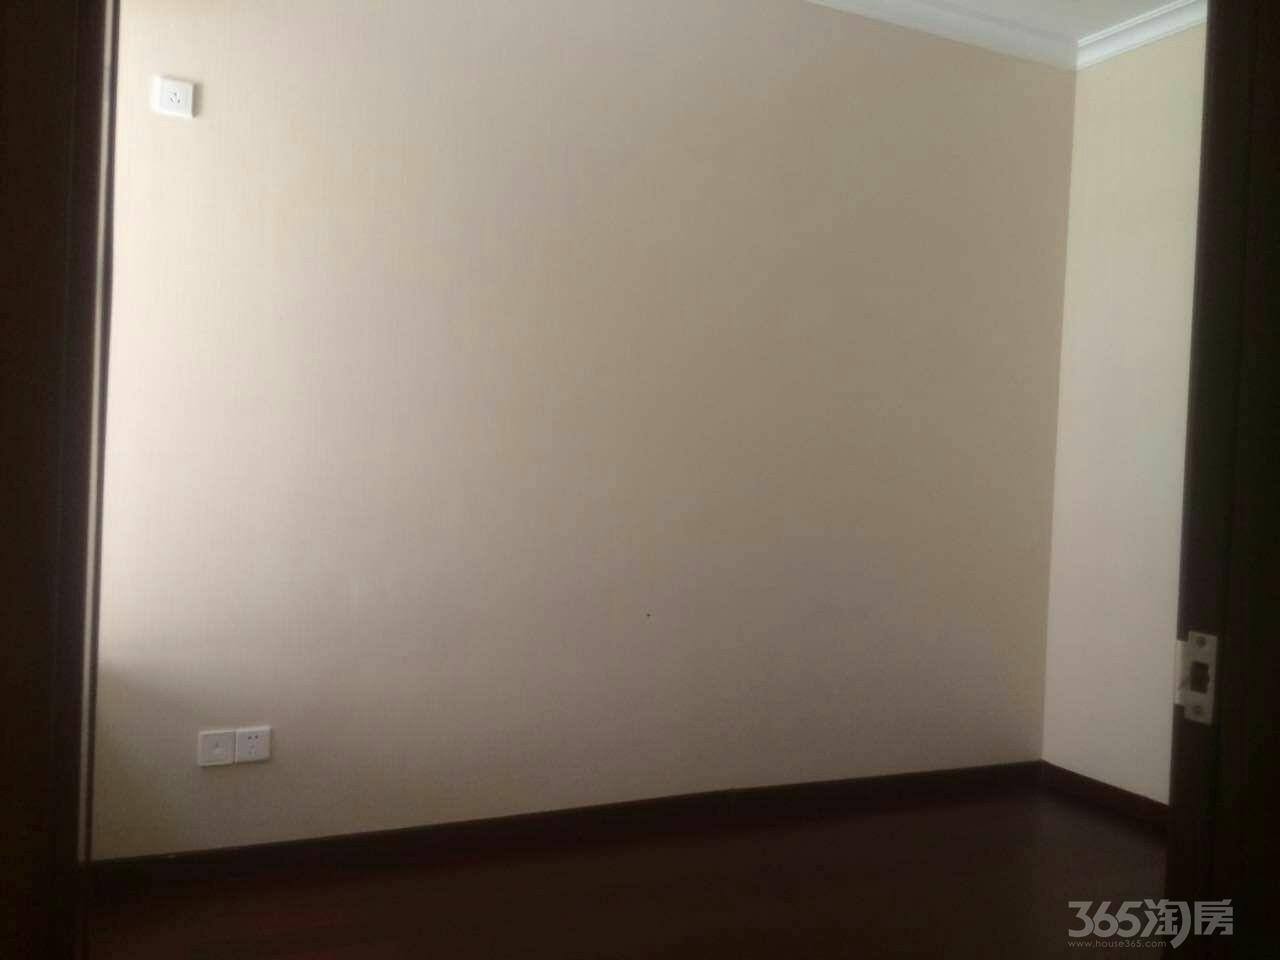 兰州大名城2室2厅1卫85平米2016年产权房精装